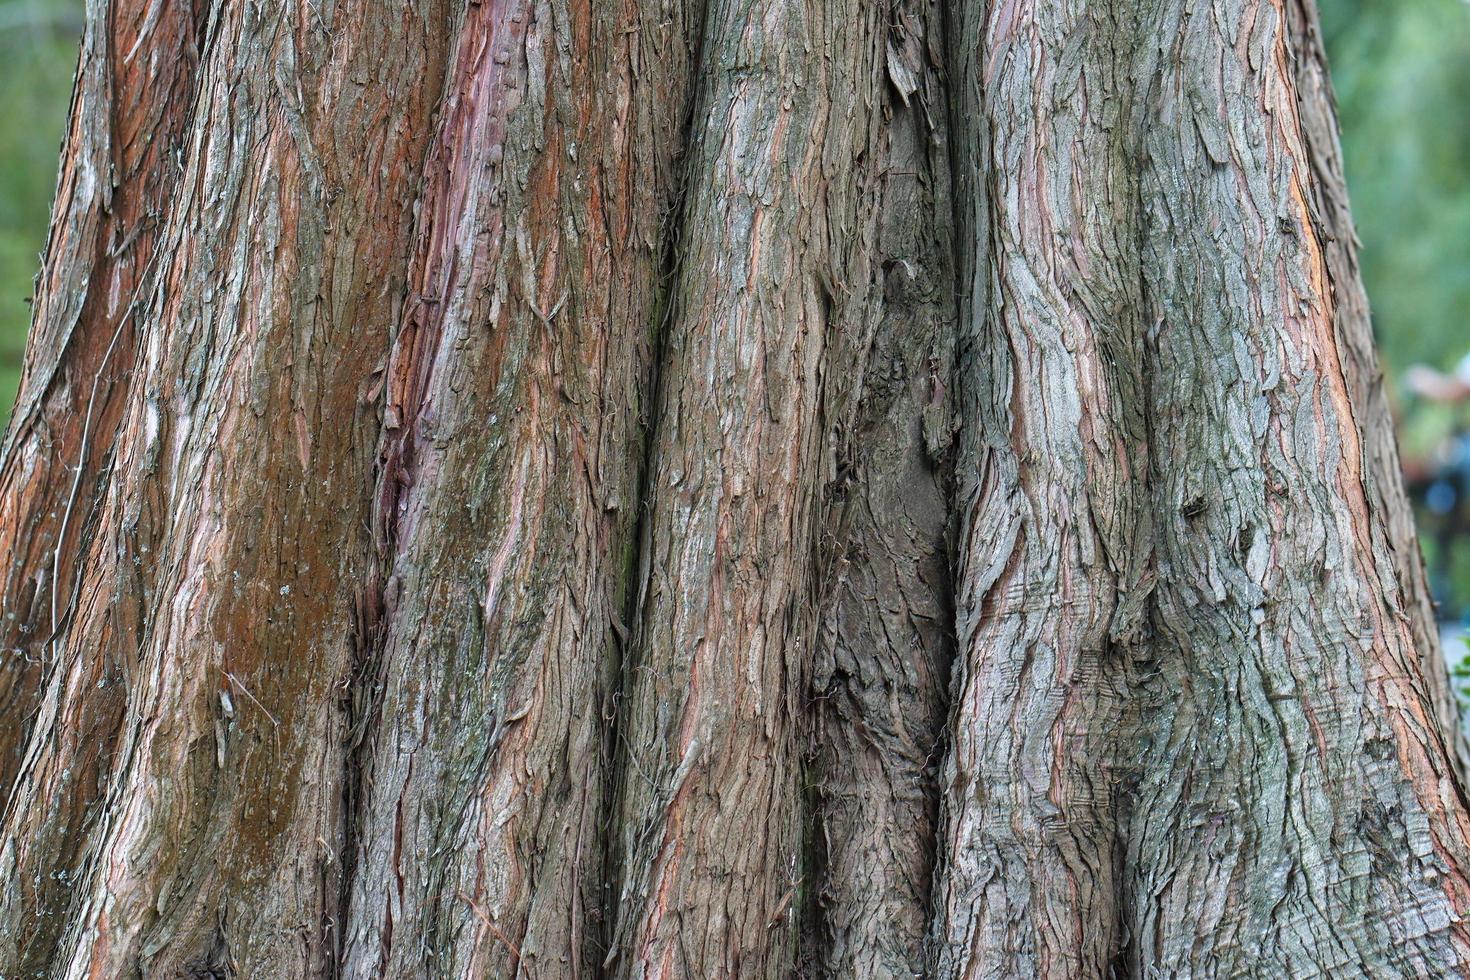 parte do tronco da árvore foto